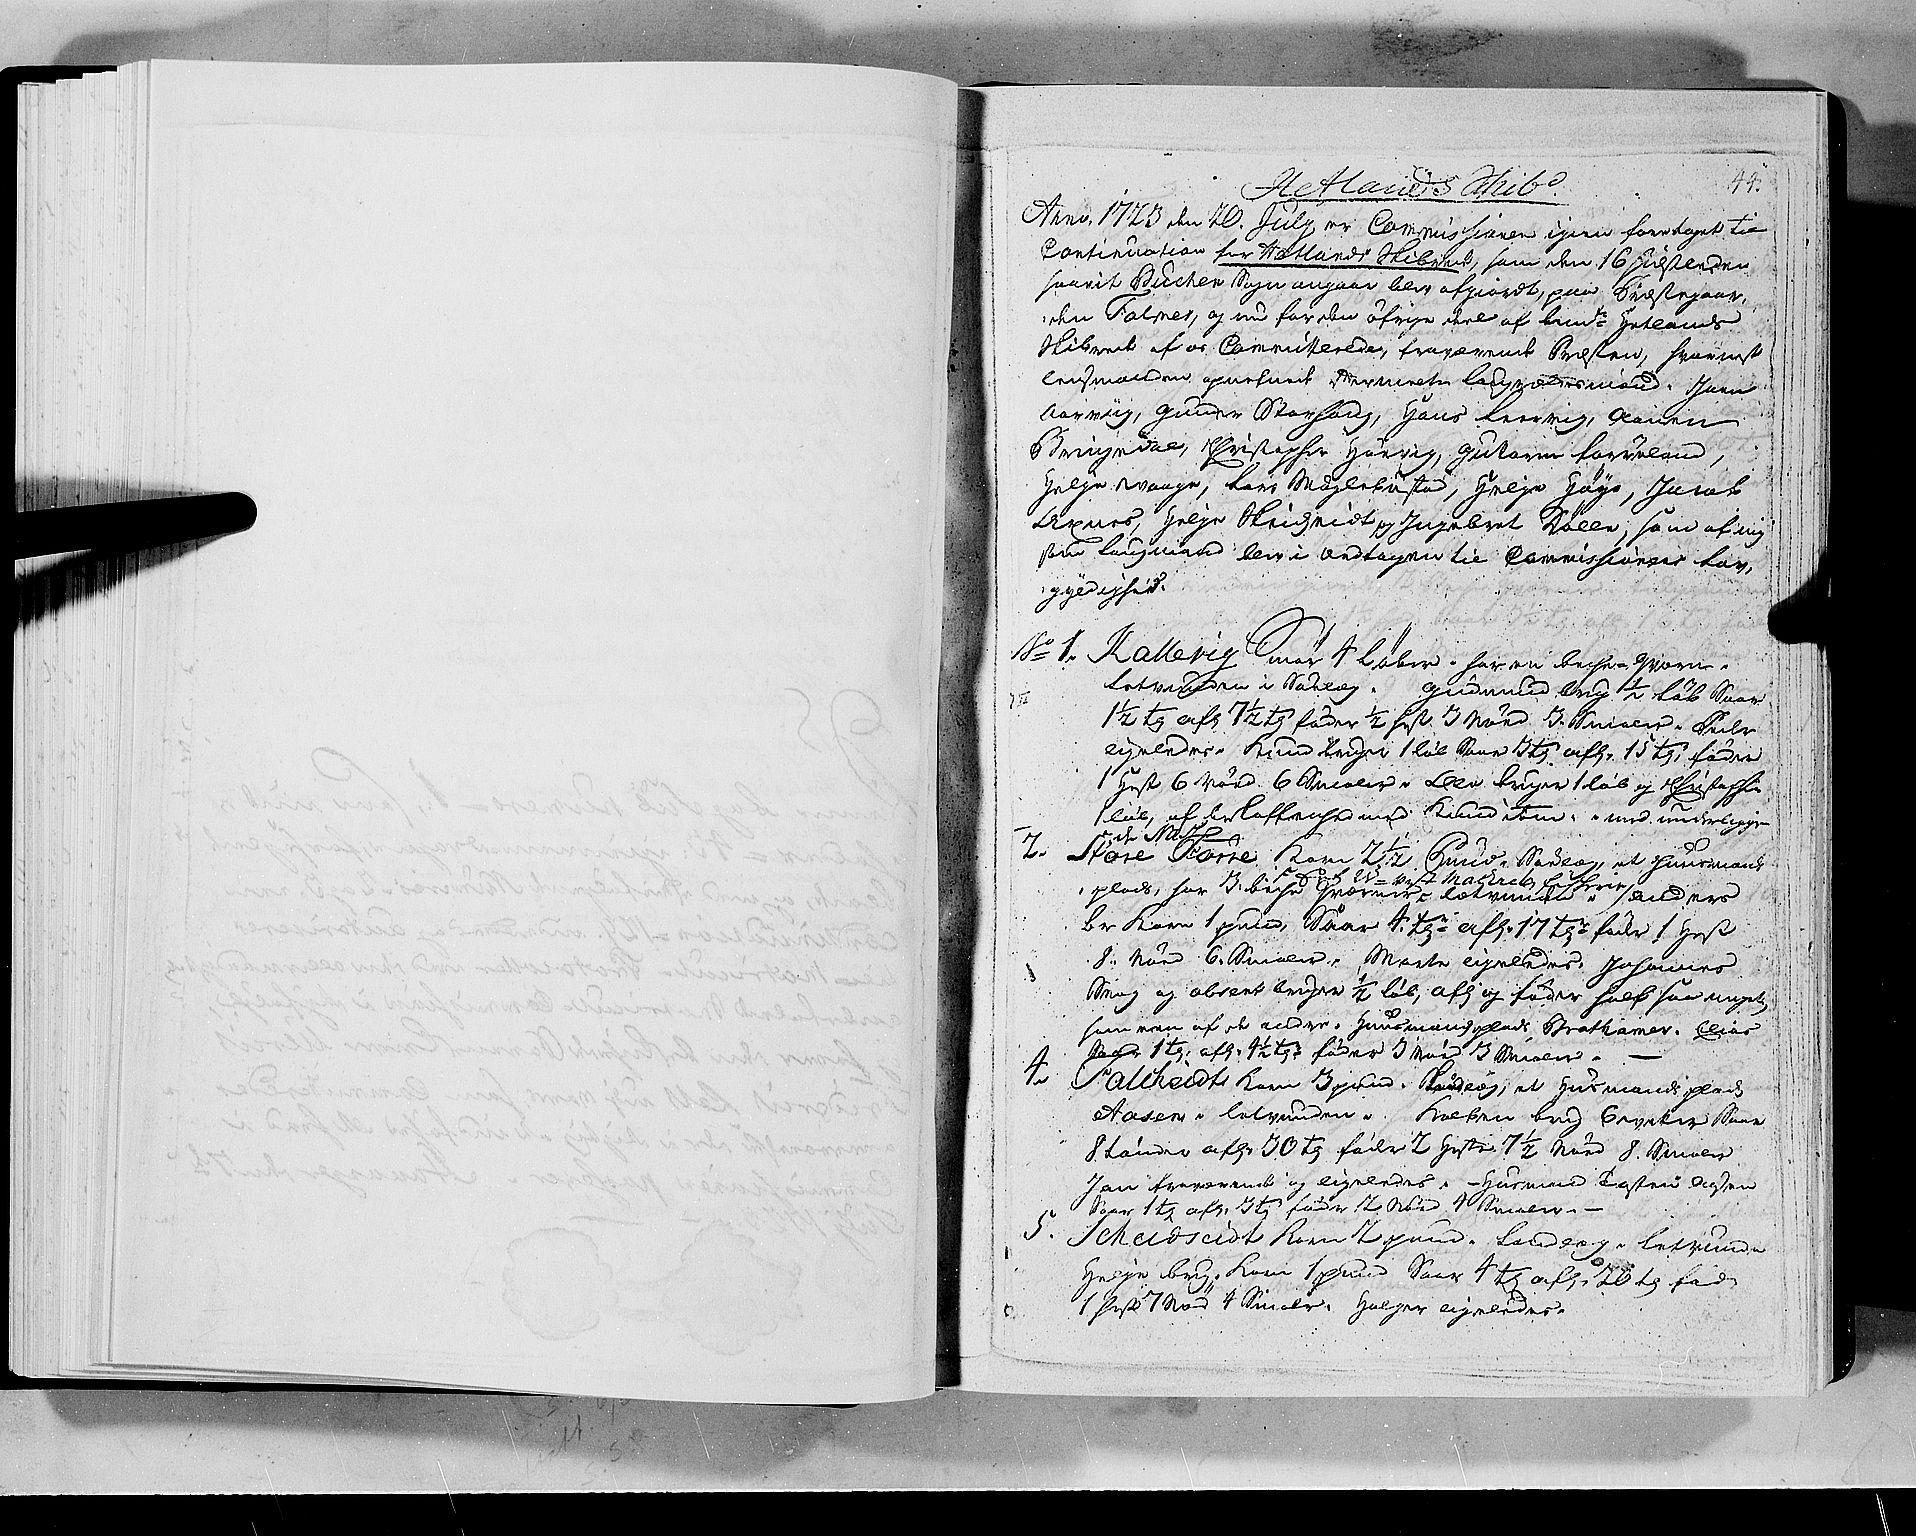 RA, Rentekammeret inntil 1814, Realistisk ordnet avdeling, N/Nb/Nbf/L0133a: Ryfylke eksaminasjonsprotokoll, 1723, s. 44a